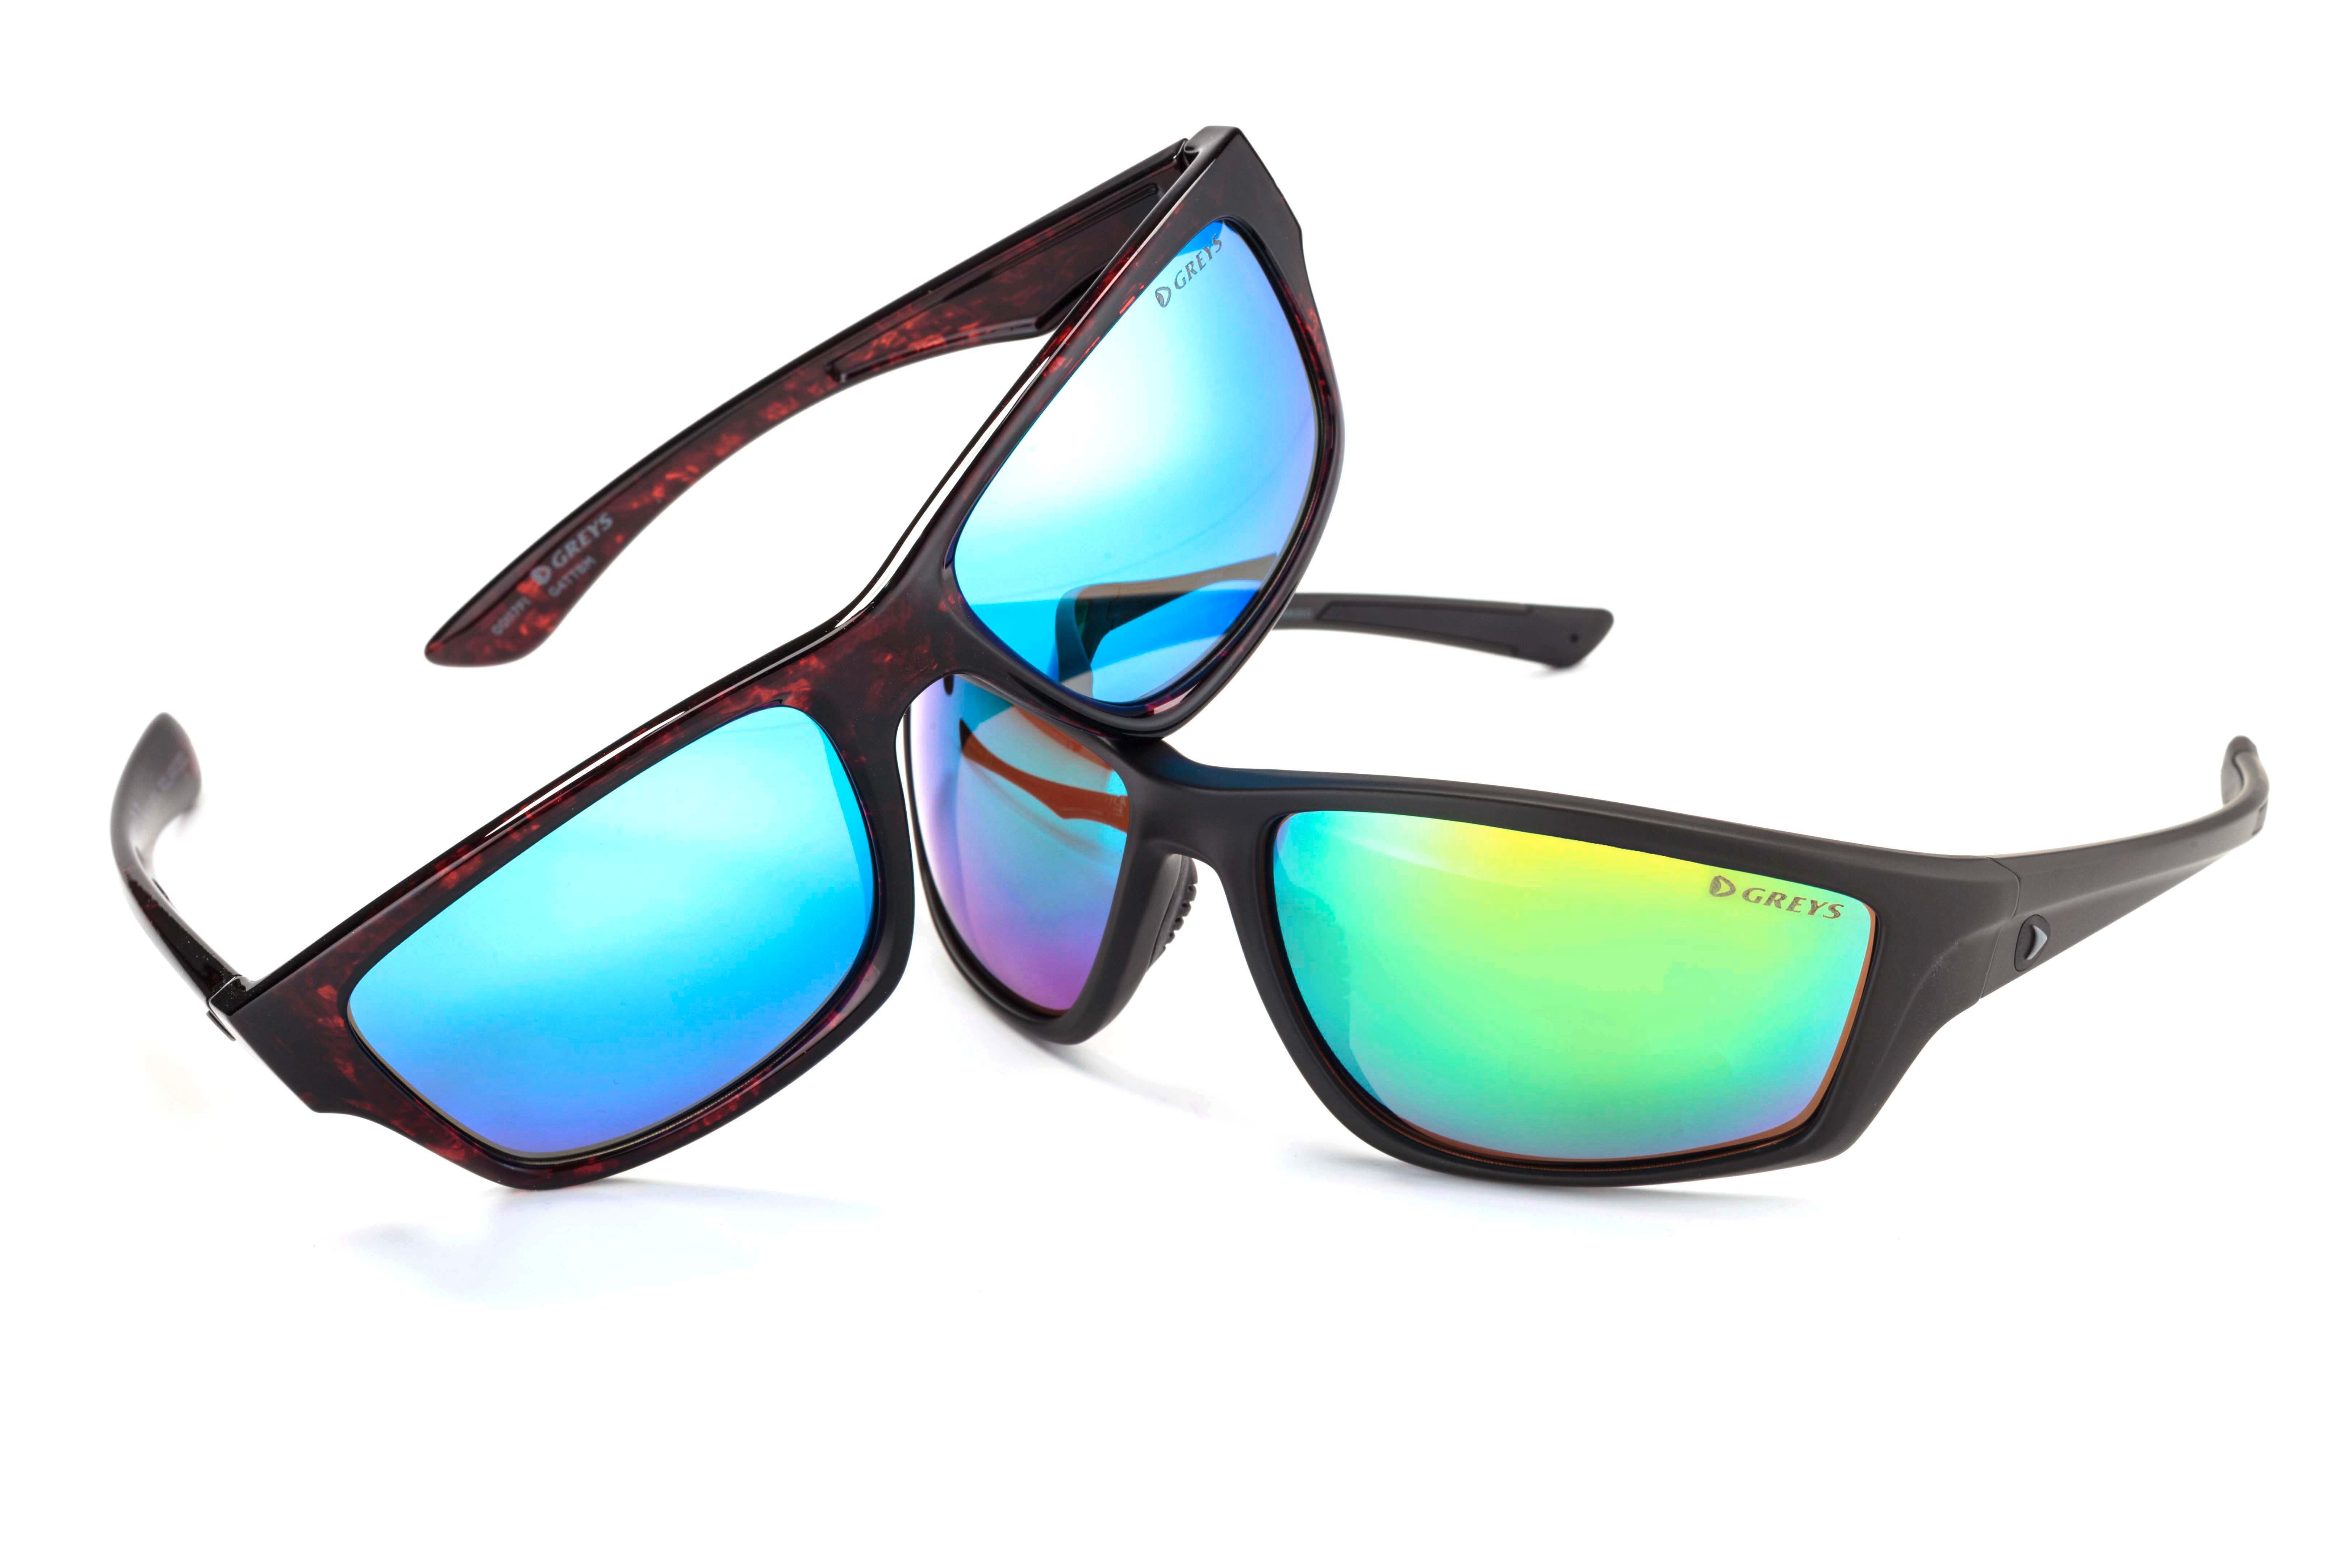 Greys G1, 2, 3, 4 sunglasses sweepstakes